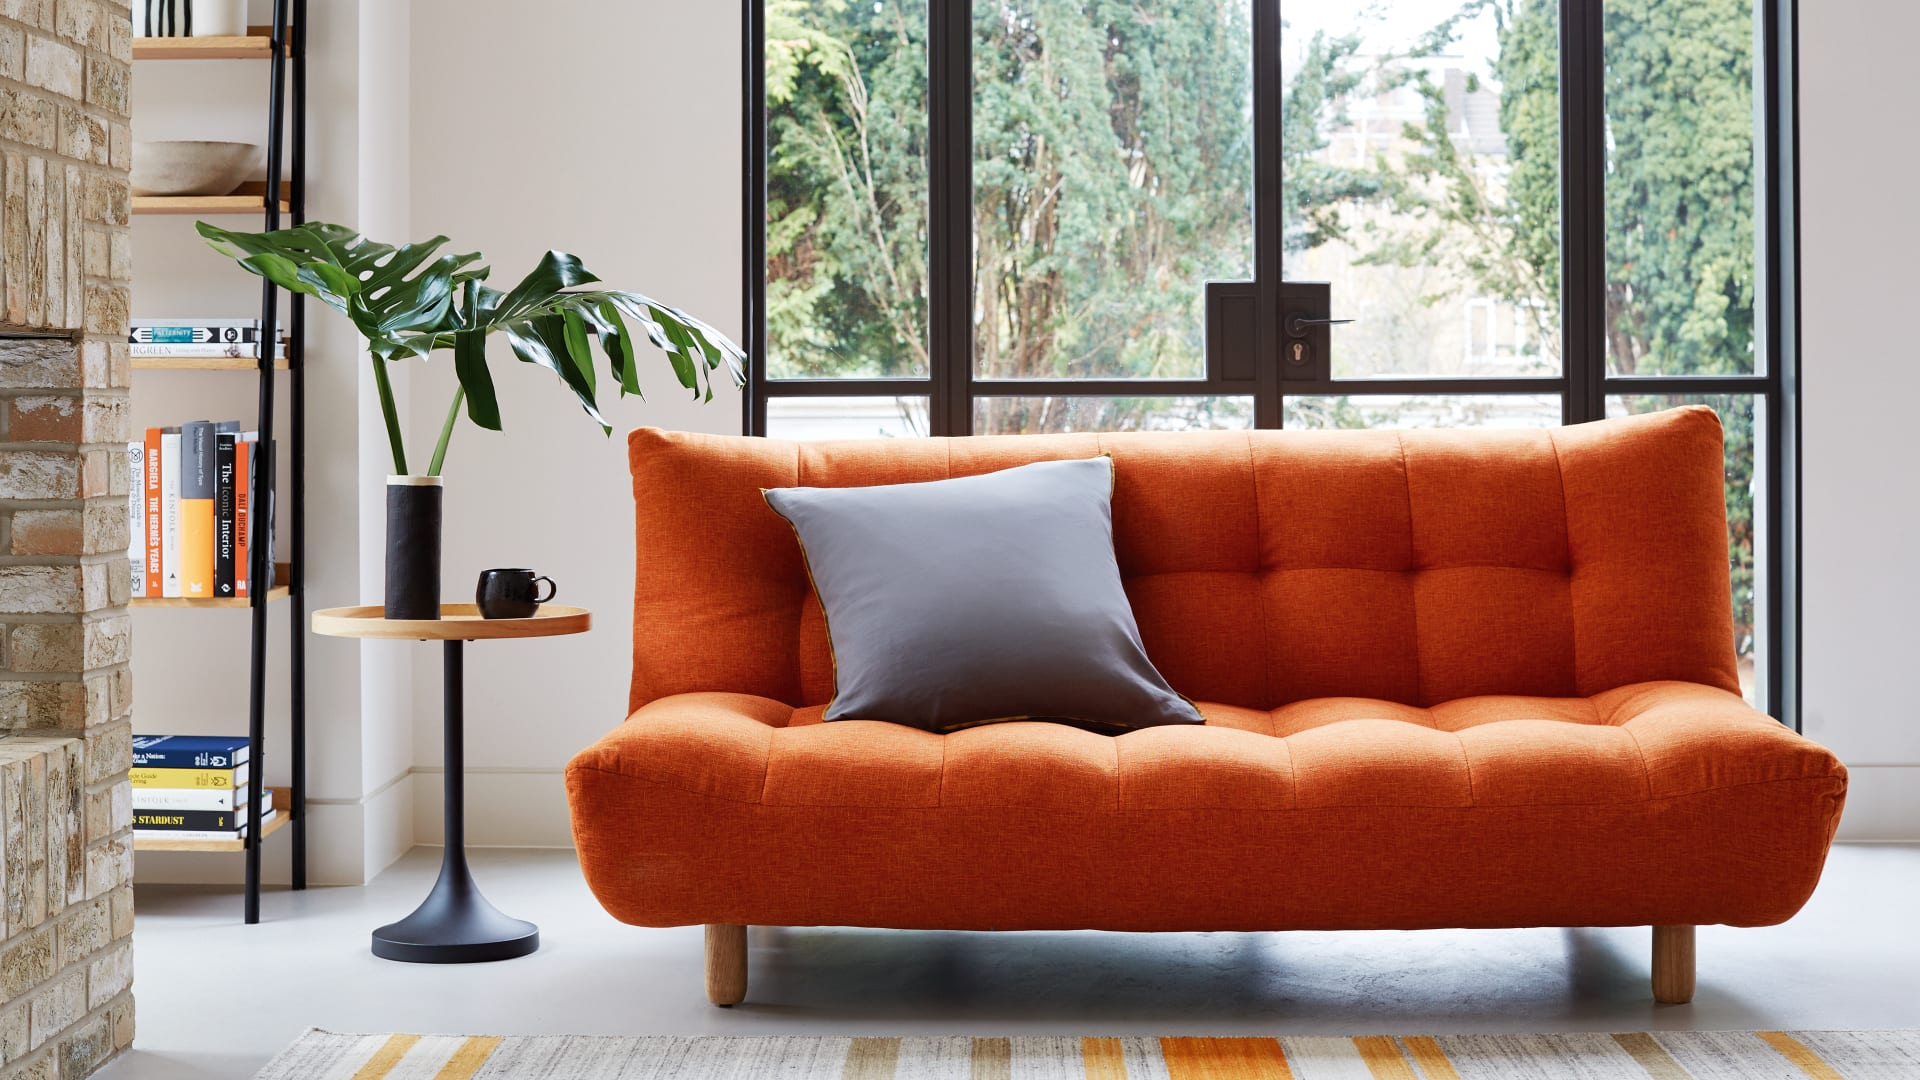 orange sofa in front of window in living room